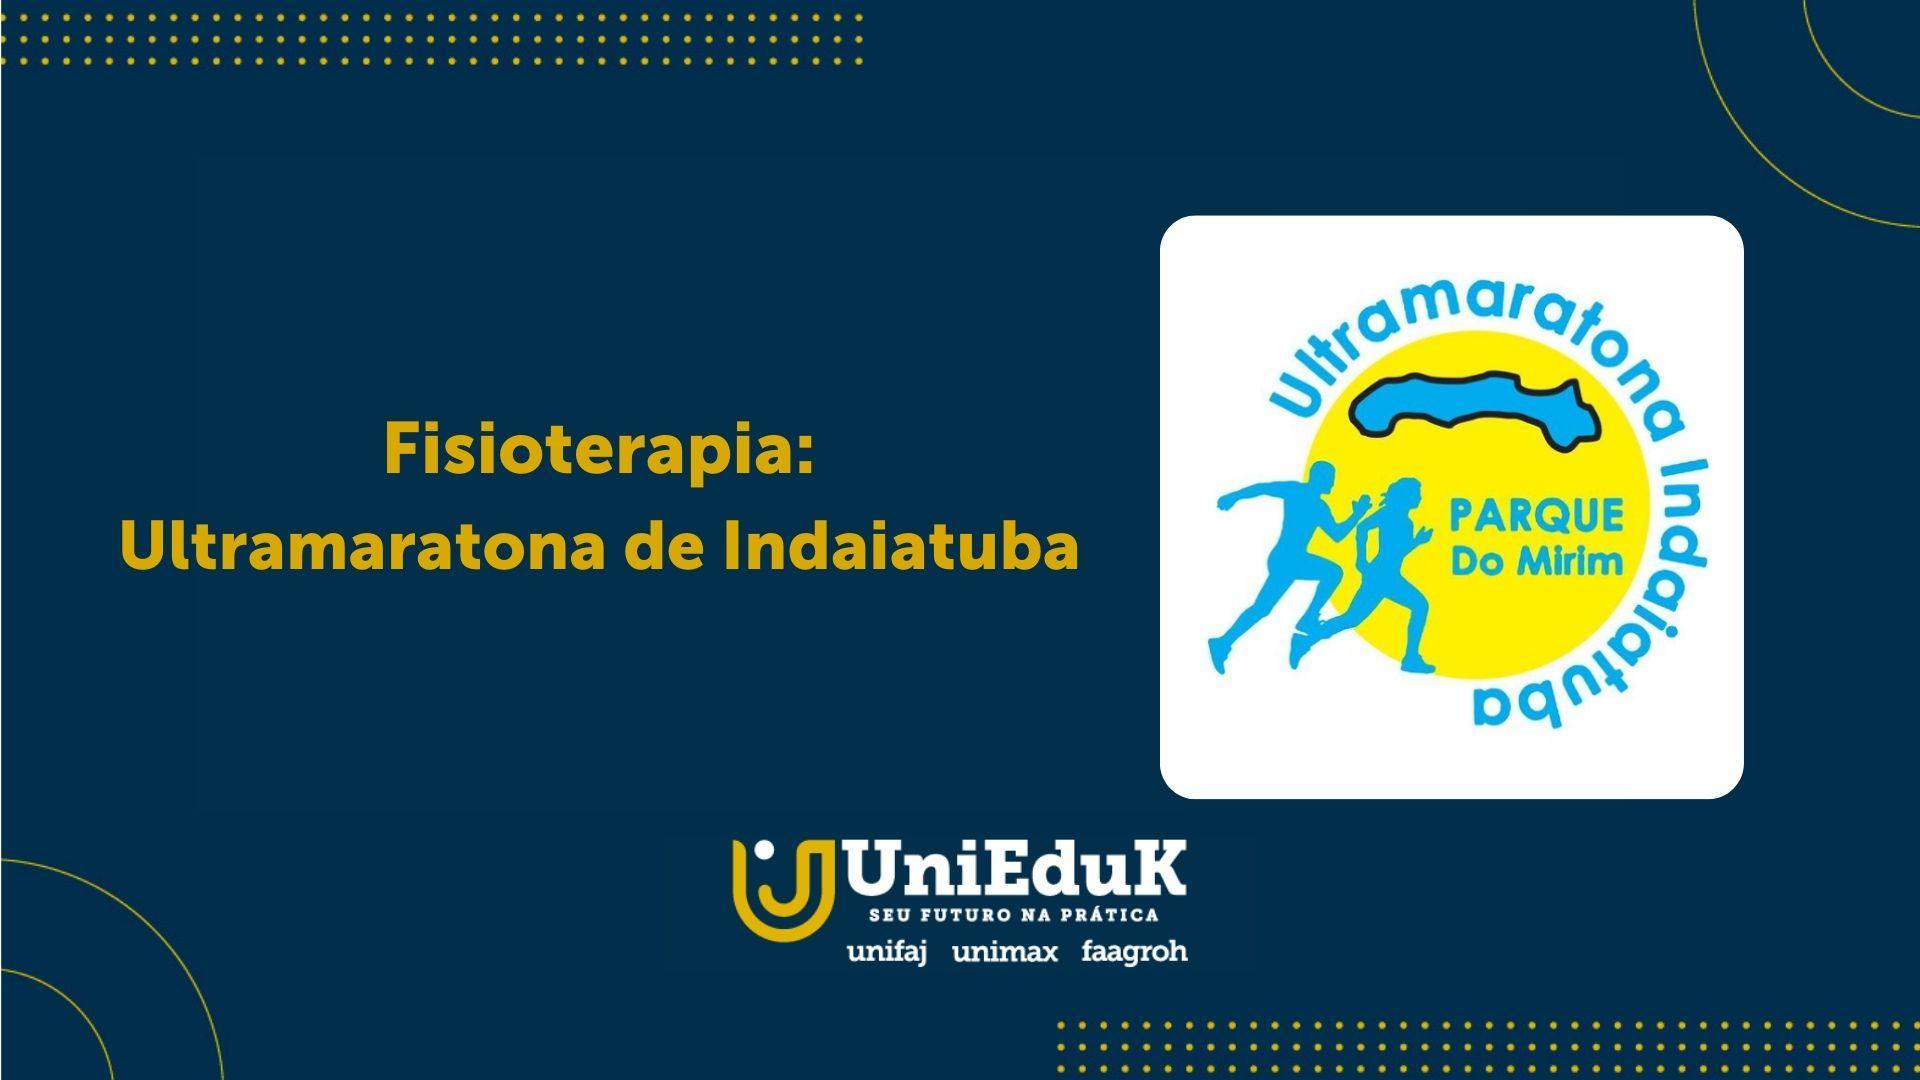 A imagem traz o logo da Ultramaratona de Indaiatuba em moldura específica do Grupo UniEduK.